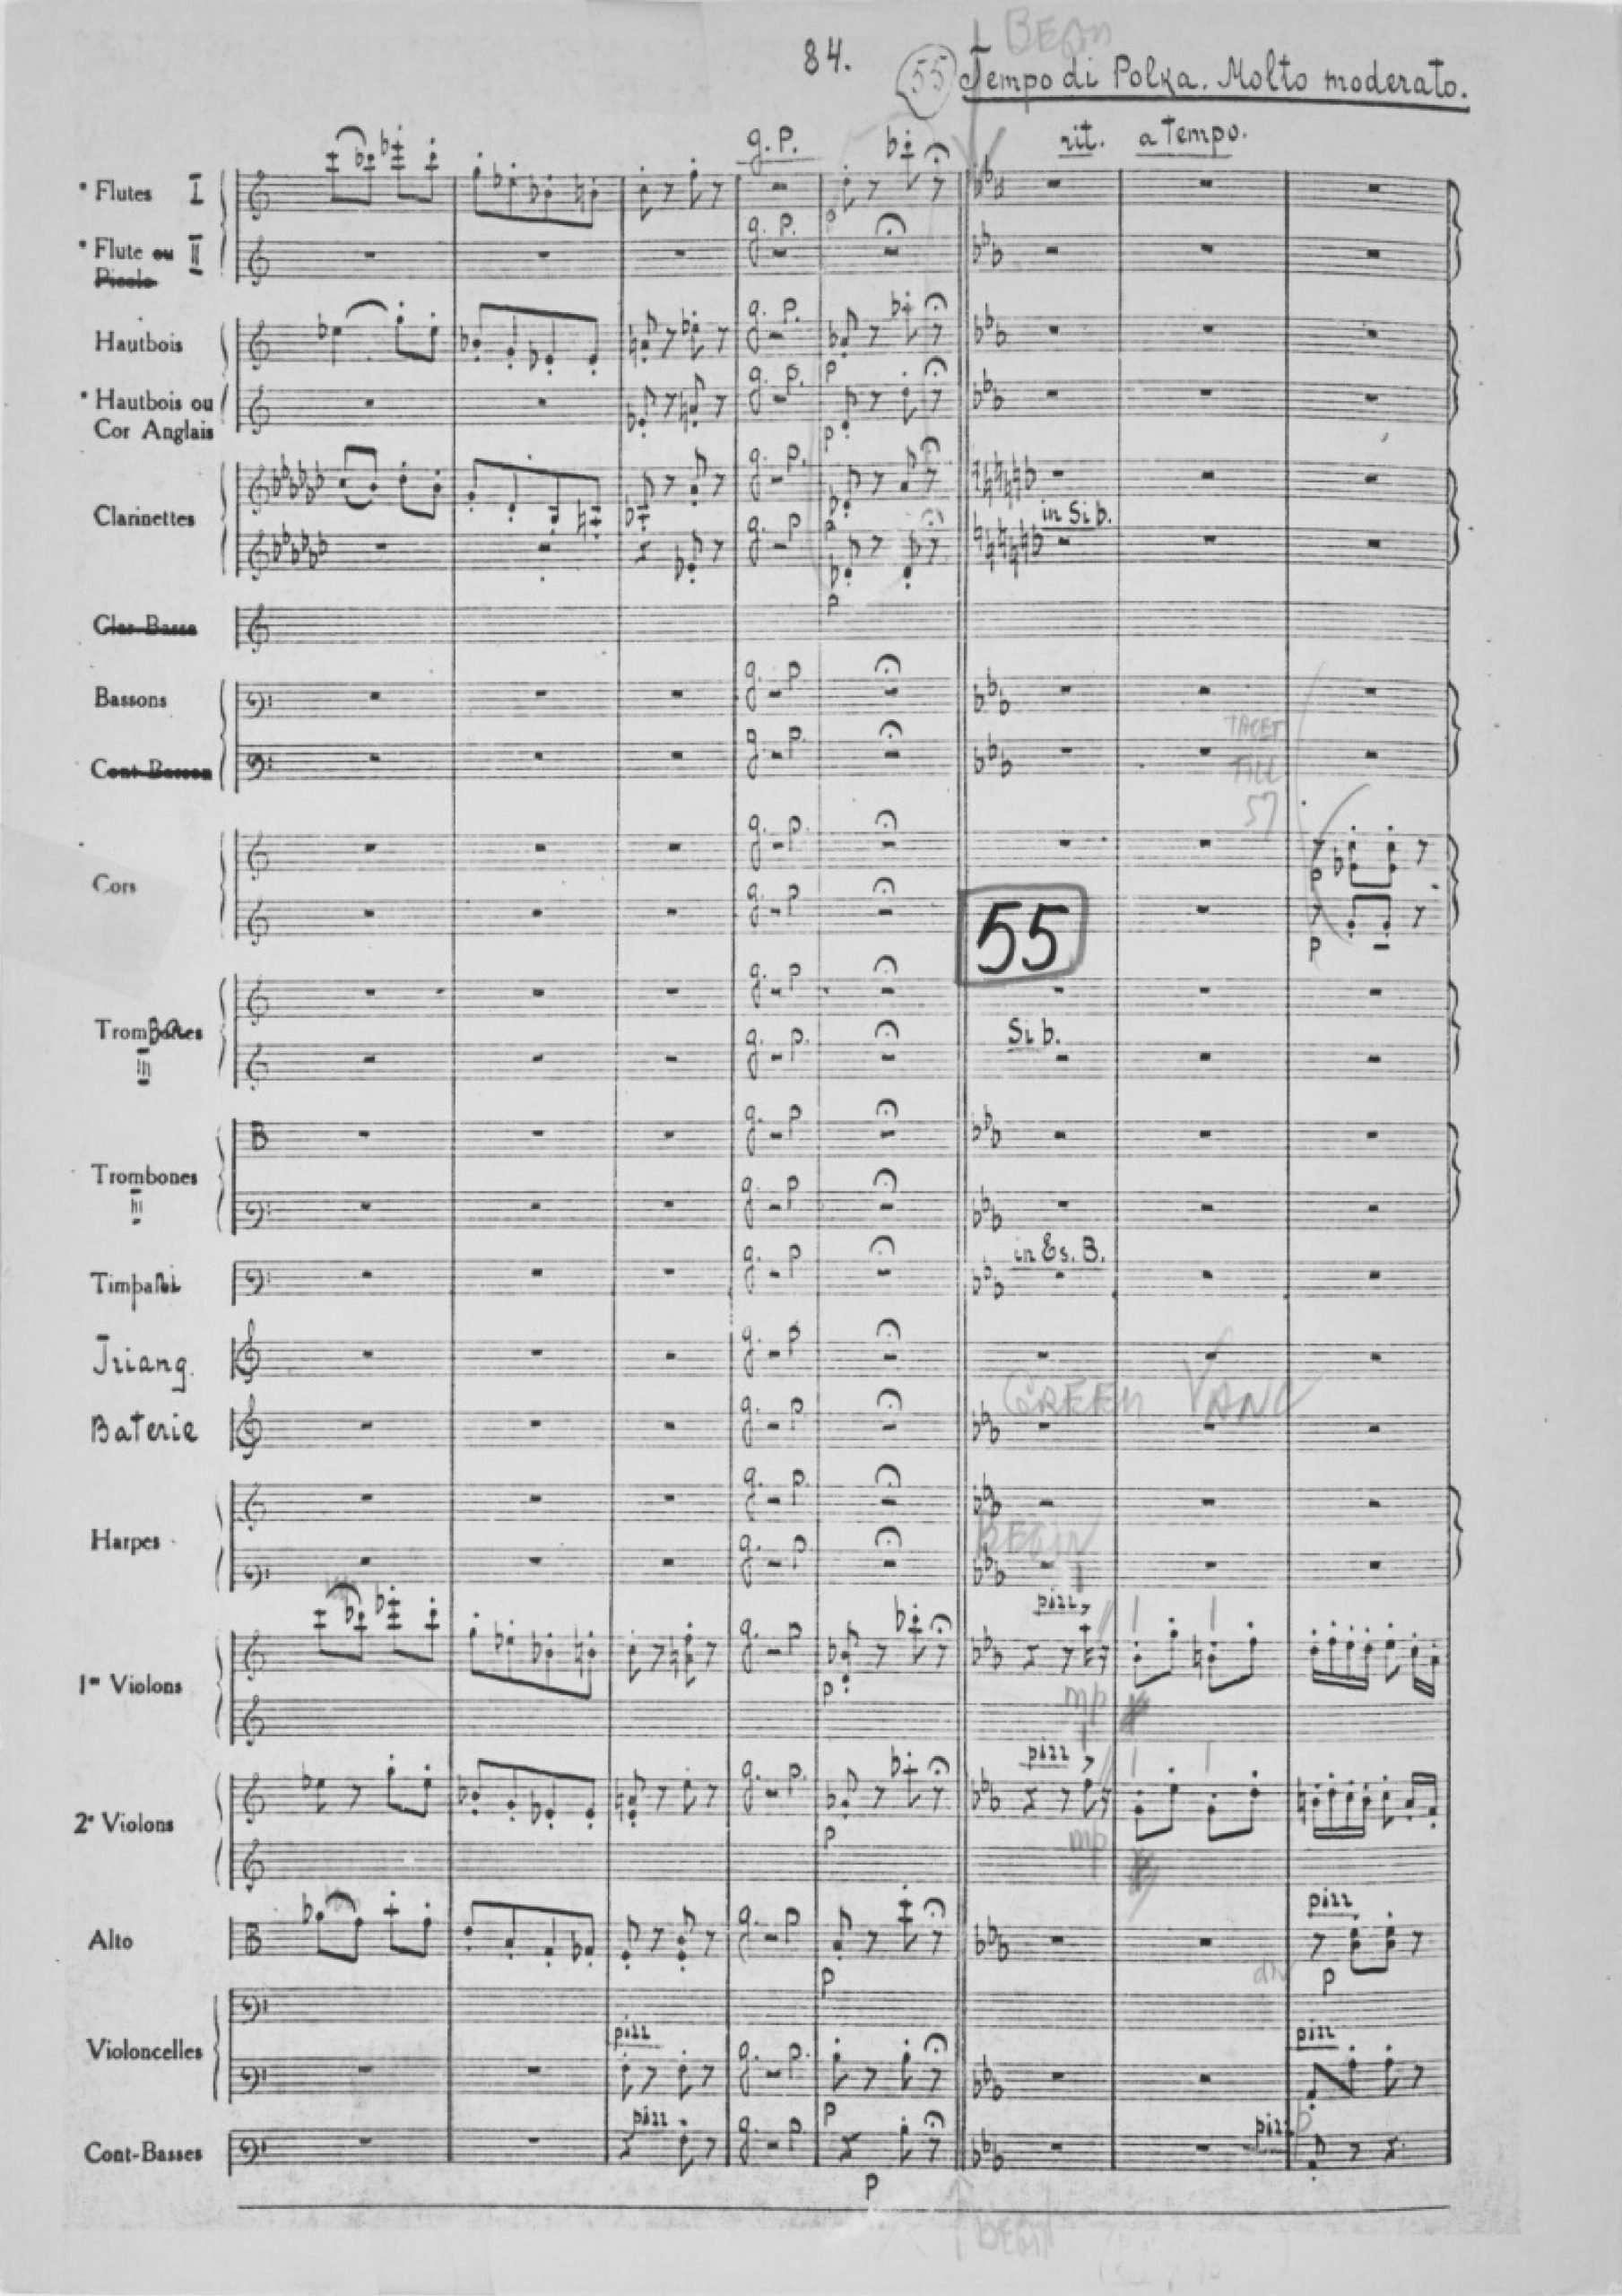 Drigo, Riccardo - Arlekinada (No.12 Score)